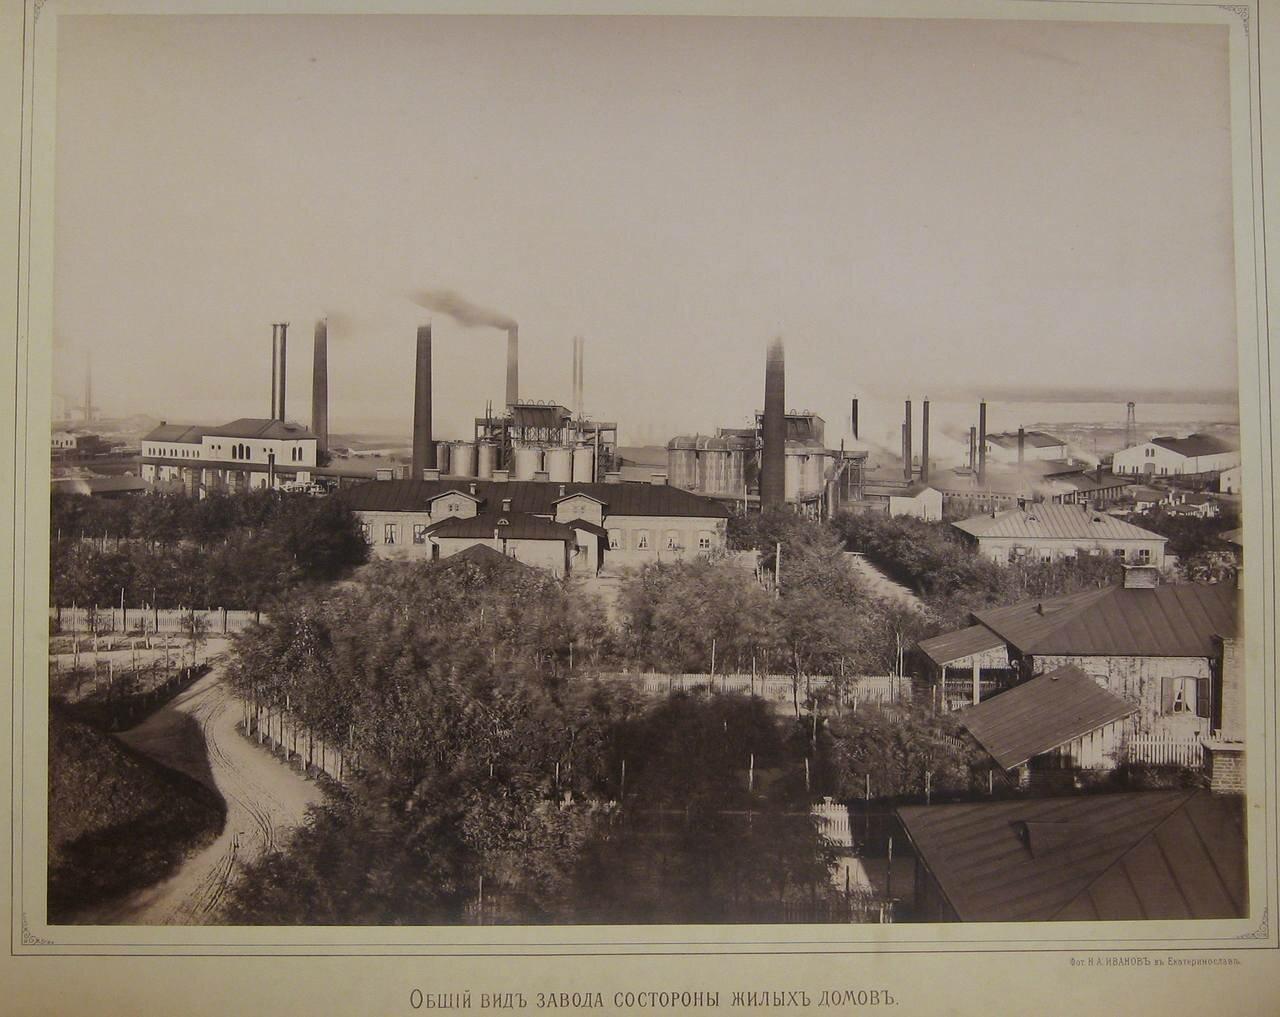 Общий вид завода со стороны жилых домов